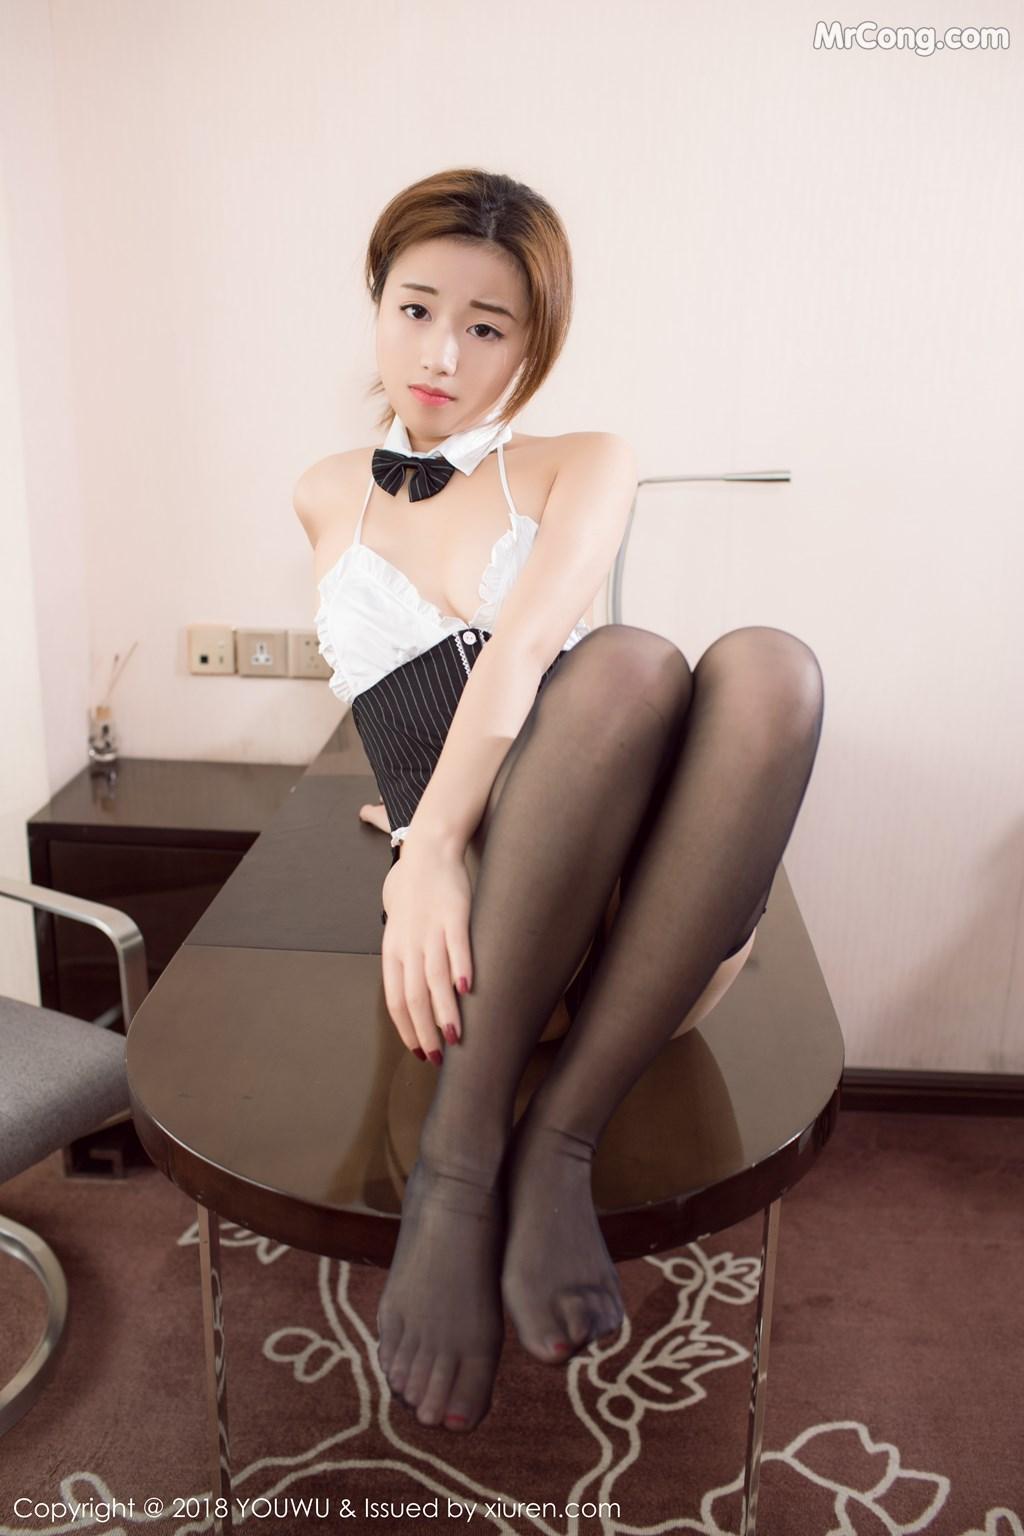 Image YouWu-Vol.090-Cang-Jing-You-Xiang-MrCong.com-002 in post YouWu Vol.090: Người mẫu Cang Jing You Xiang (仓井优香) (43 ảnh)